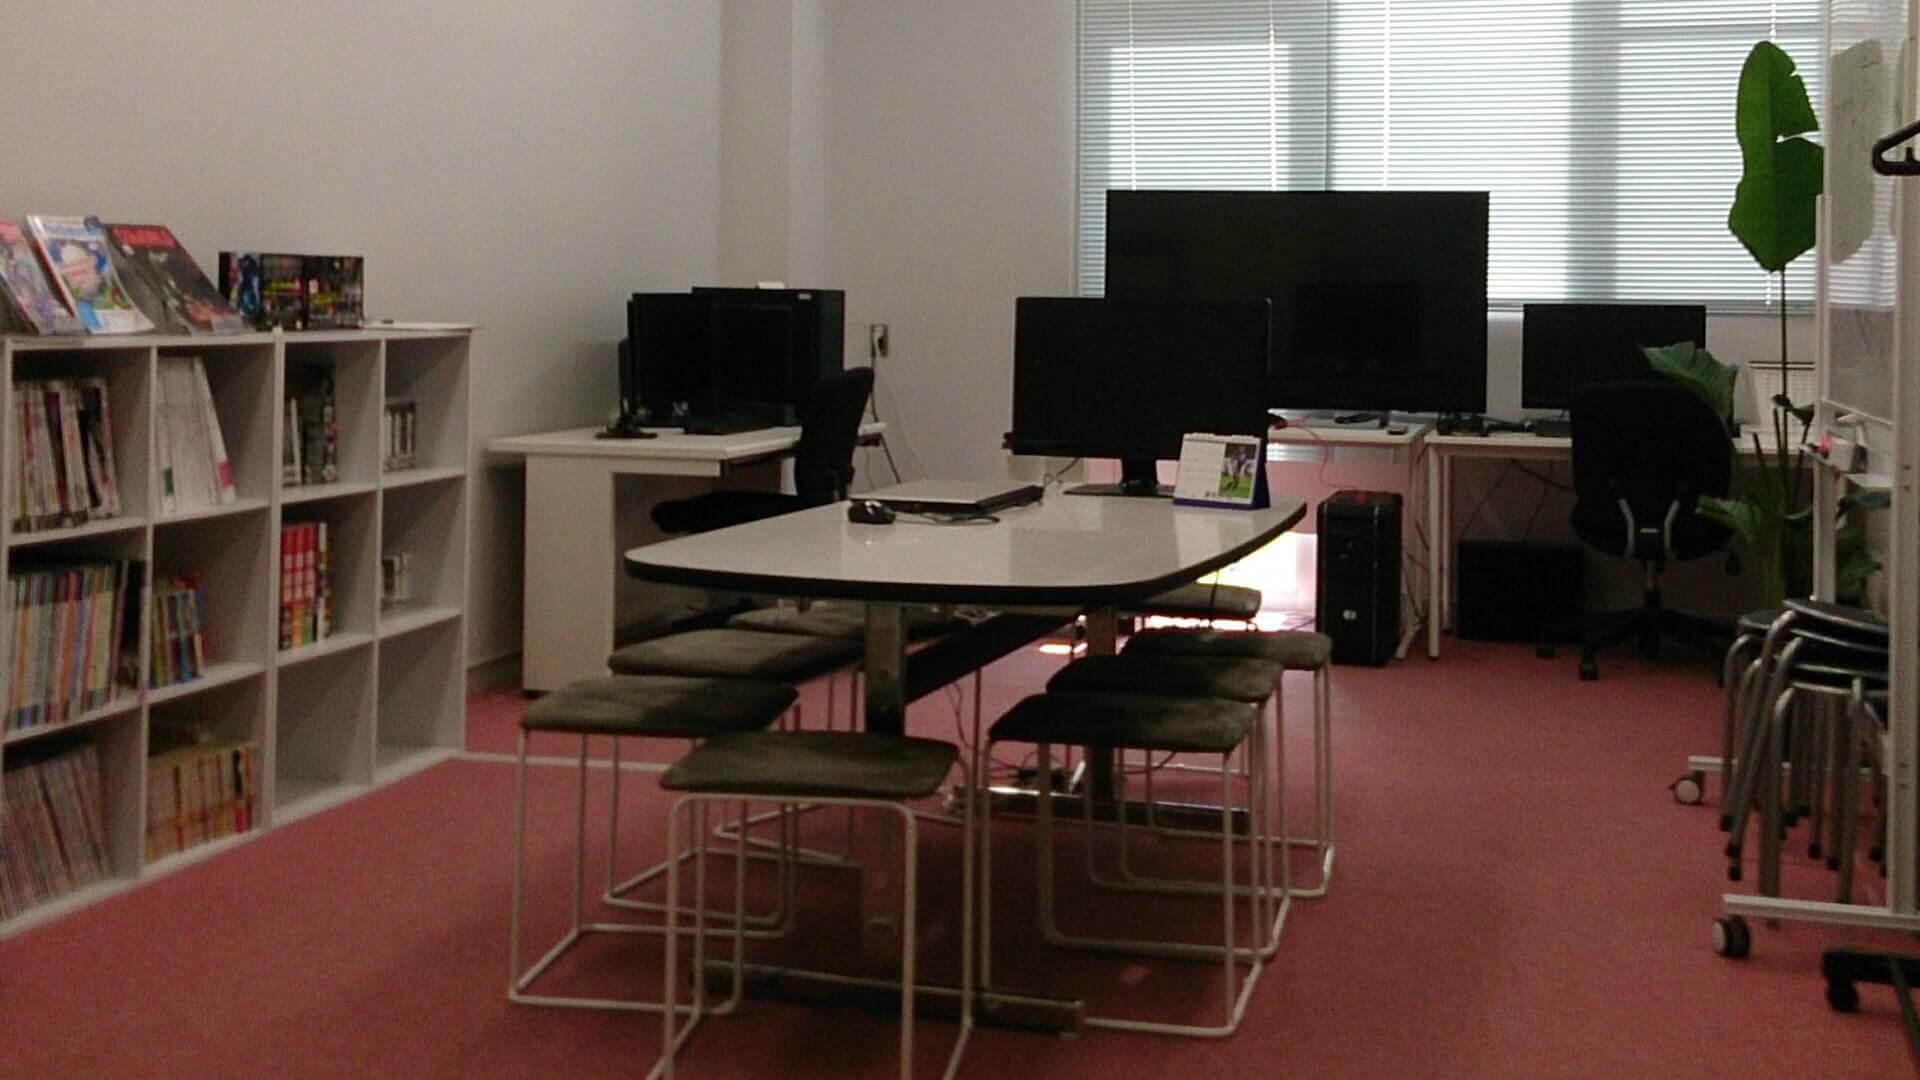 制作中のゲームの内容を確認するためのミーティングスペース